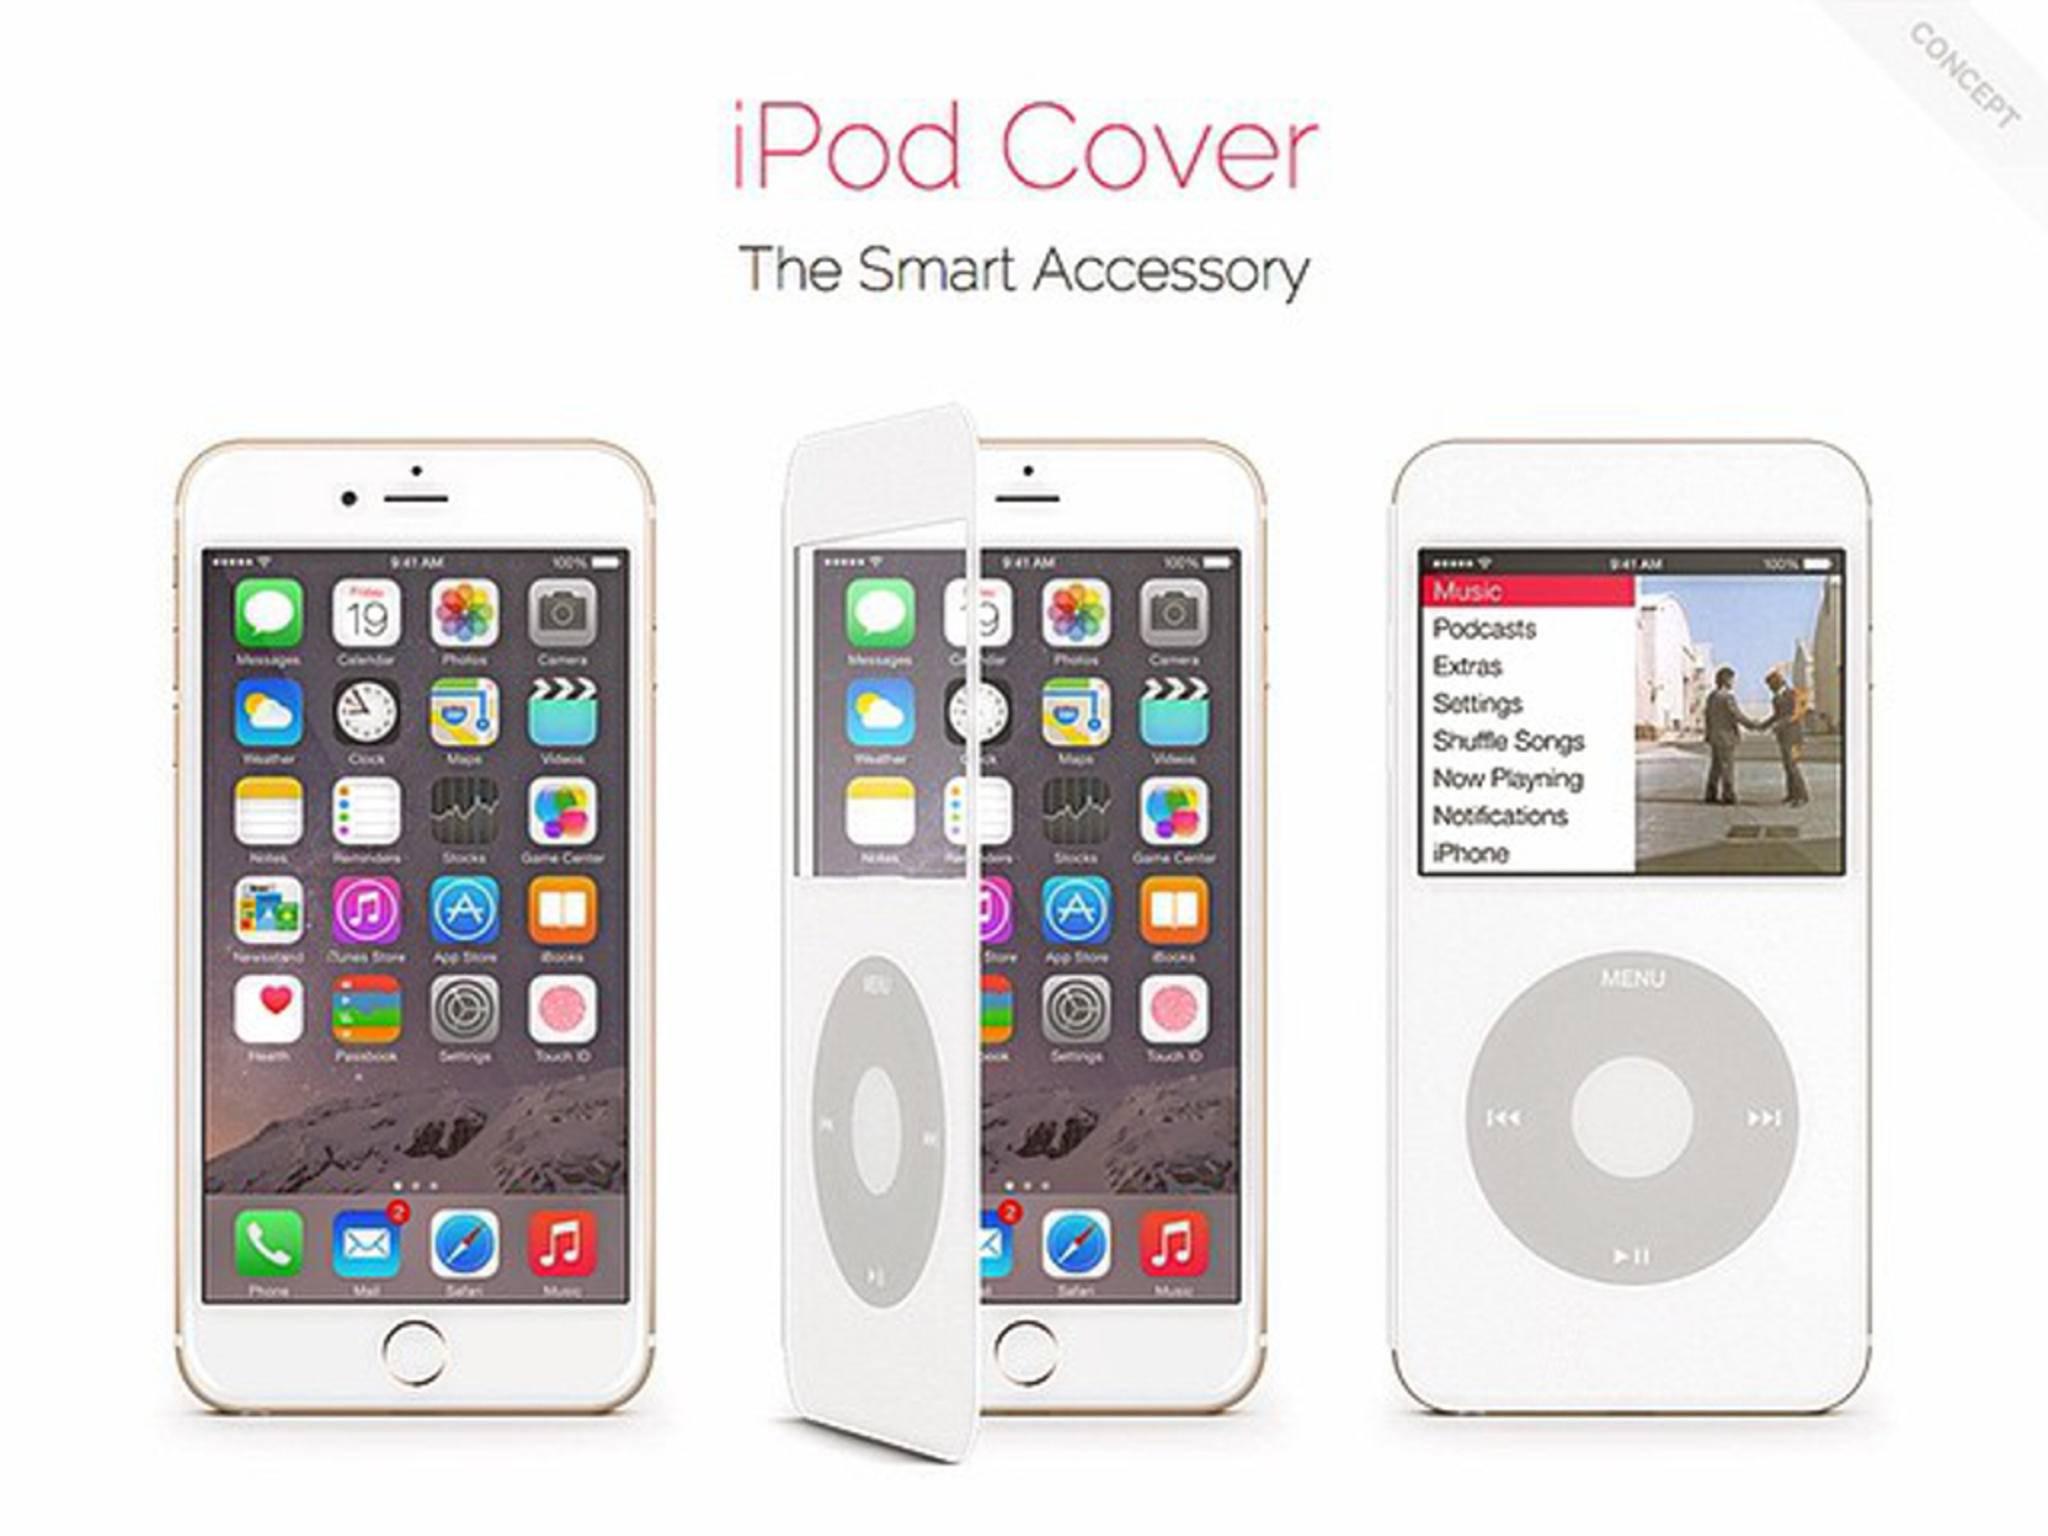 Dieses Cover könnte das iPhone 6 in einen iPod Classic verwandeln.